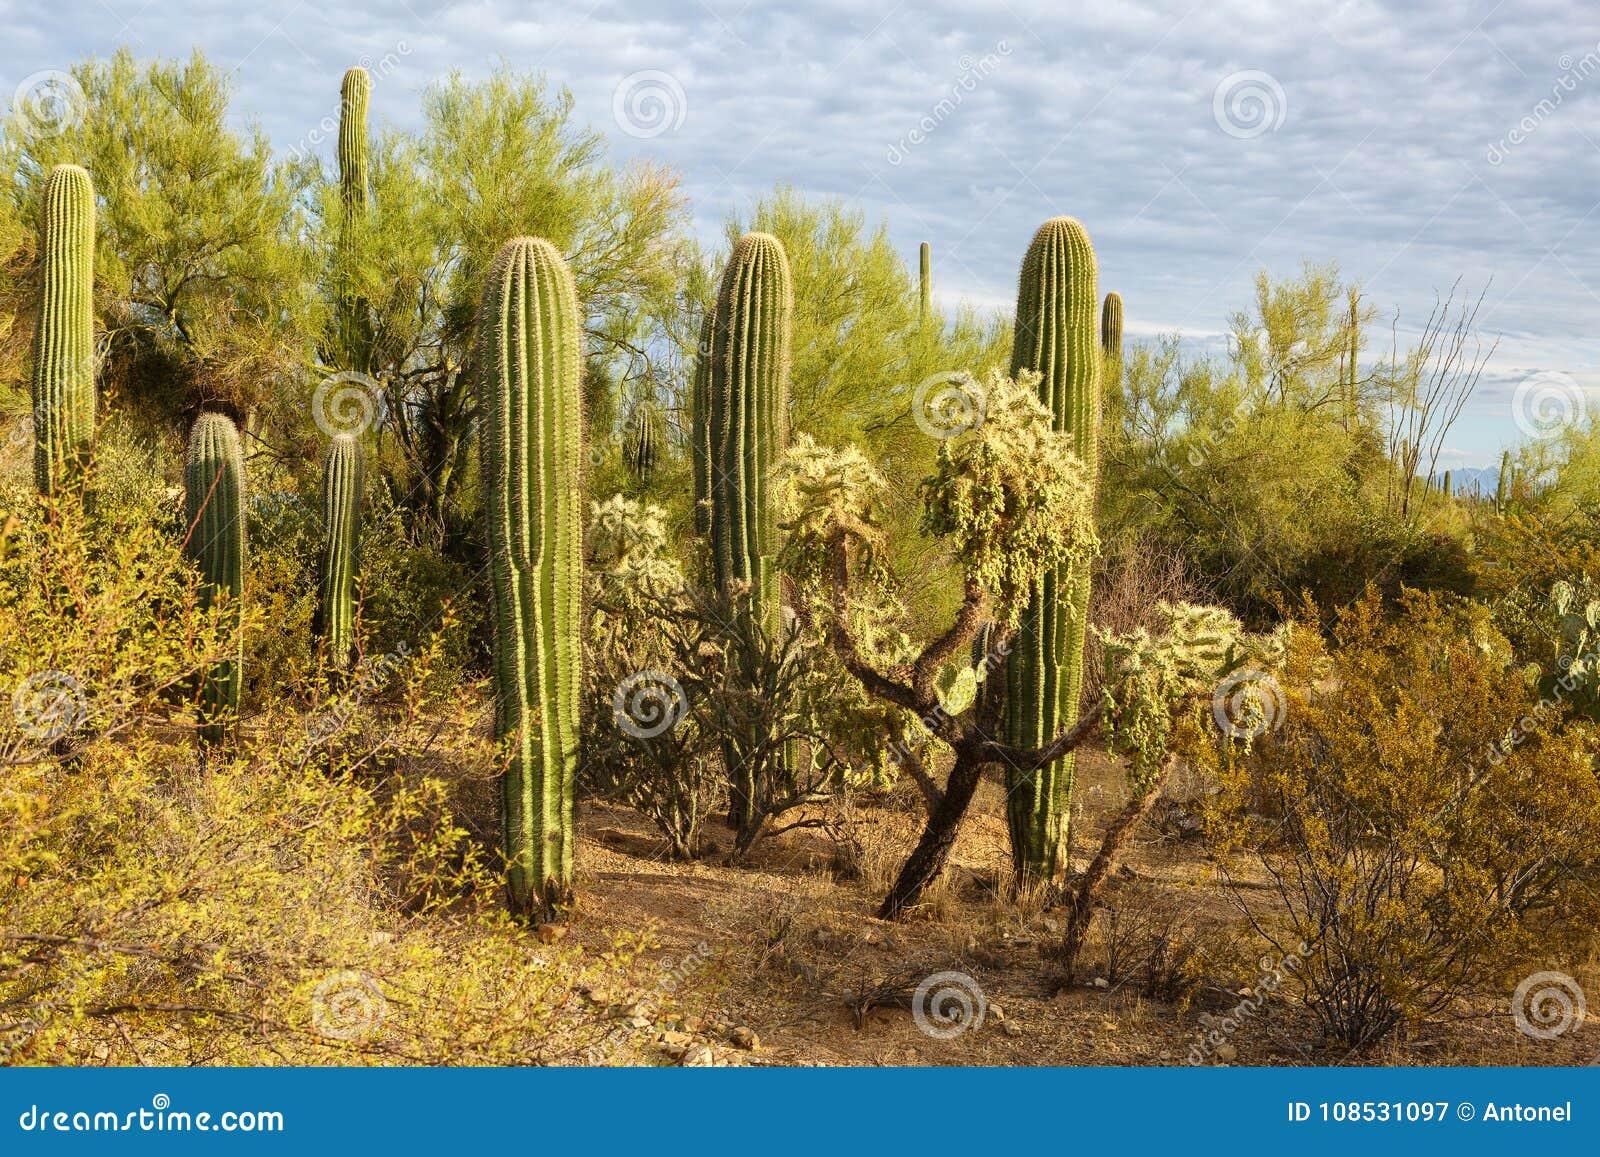 Kaktusdickichte im Saguaro-Nationalpark bei Sonnenuntergang, südöstliches Arizona, Vereinigte Staaten